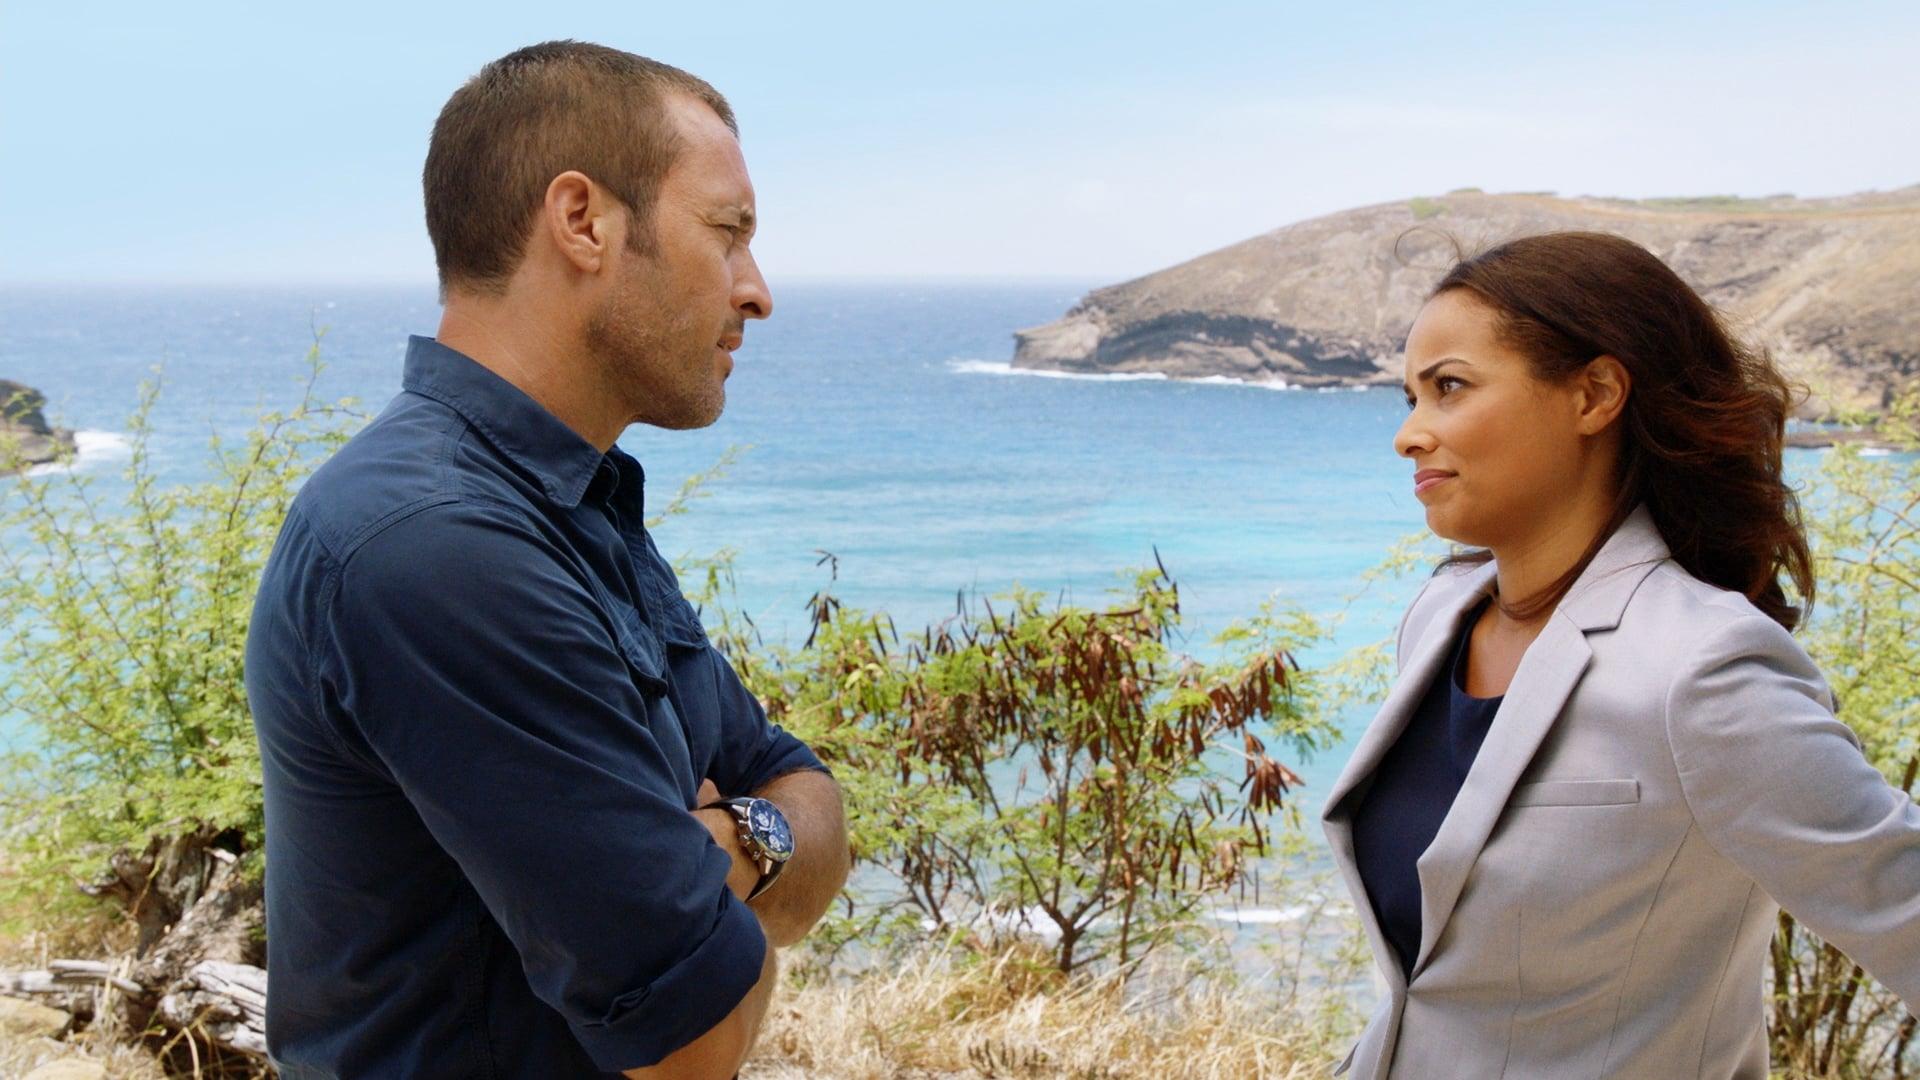 Hawaii Five-0 Season 9 :Episode 1  Ka 'owili'oka'i (Cocoon)